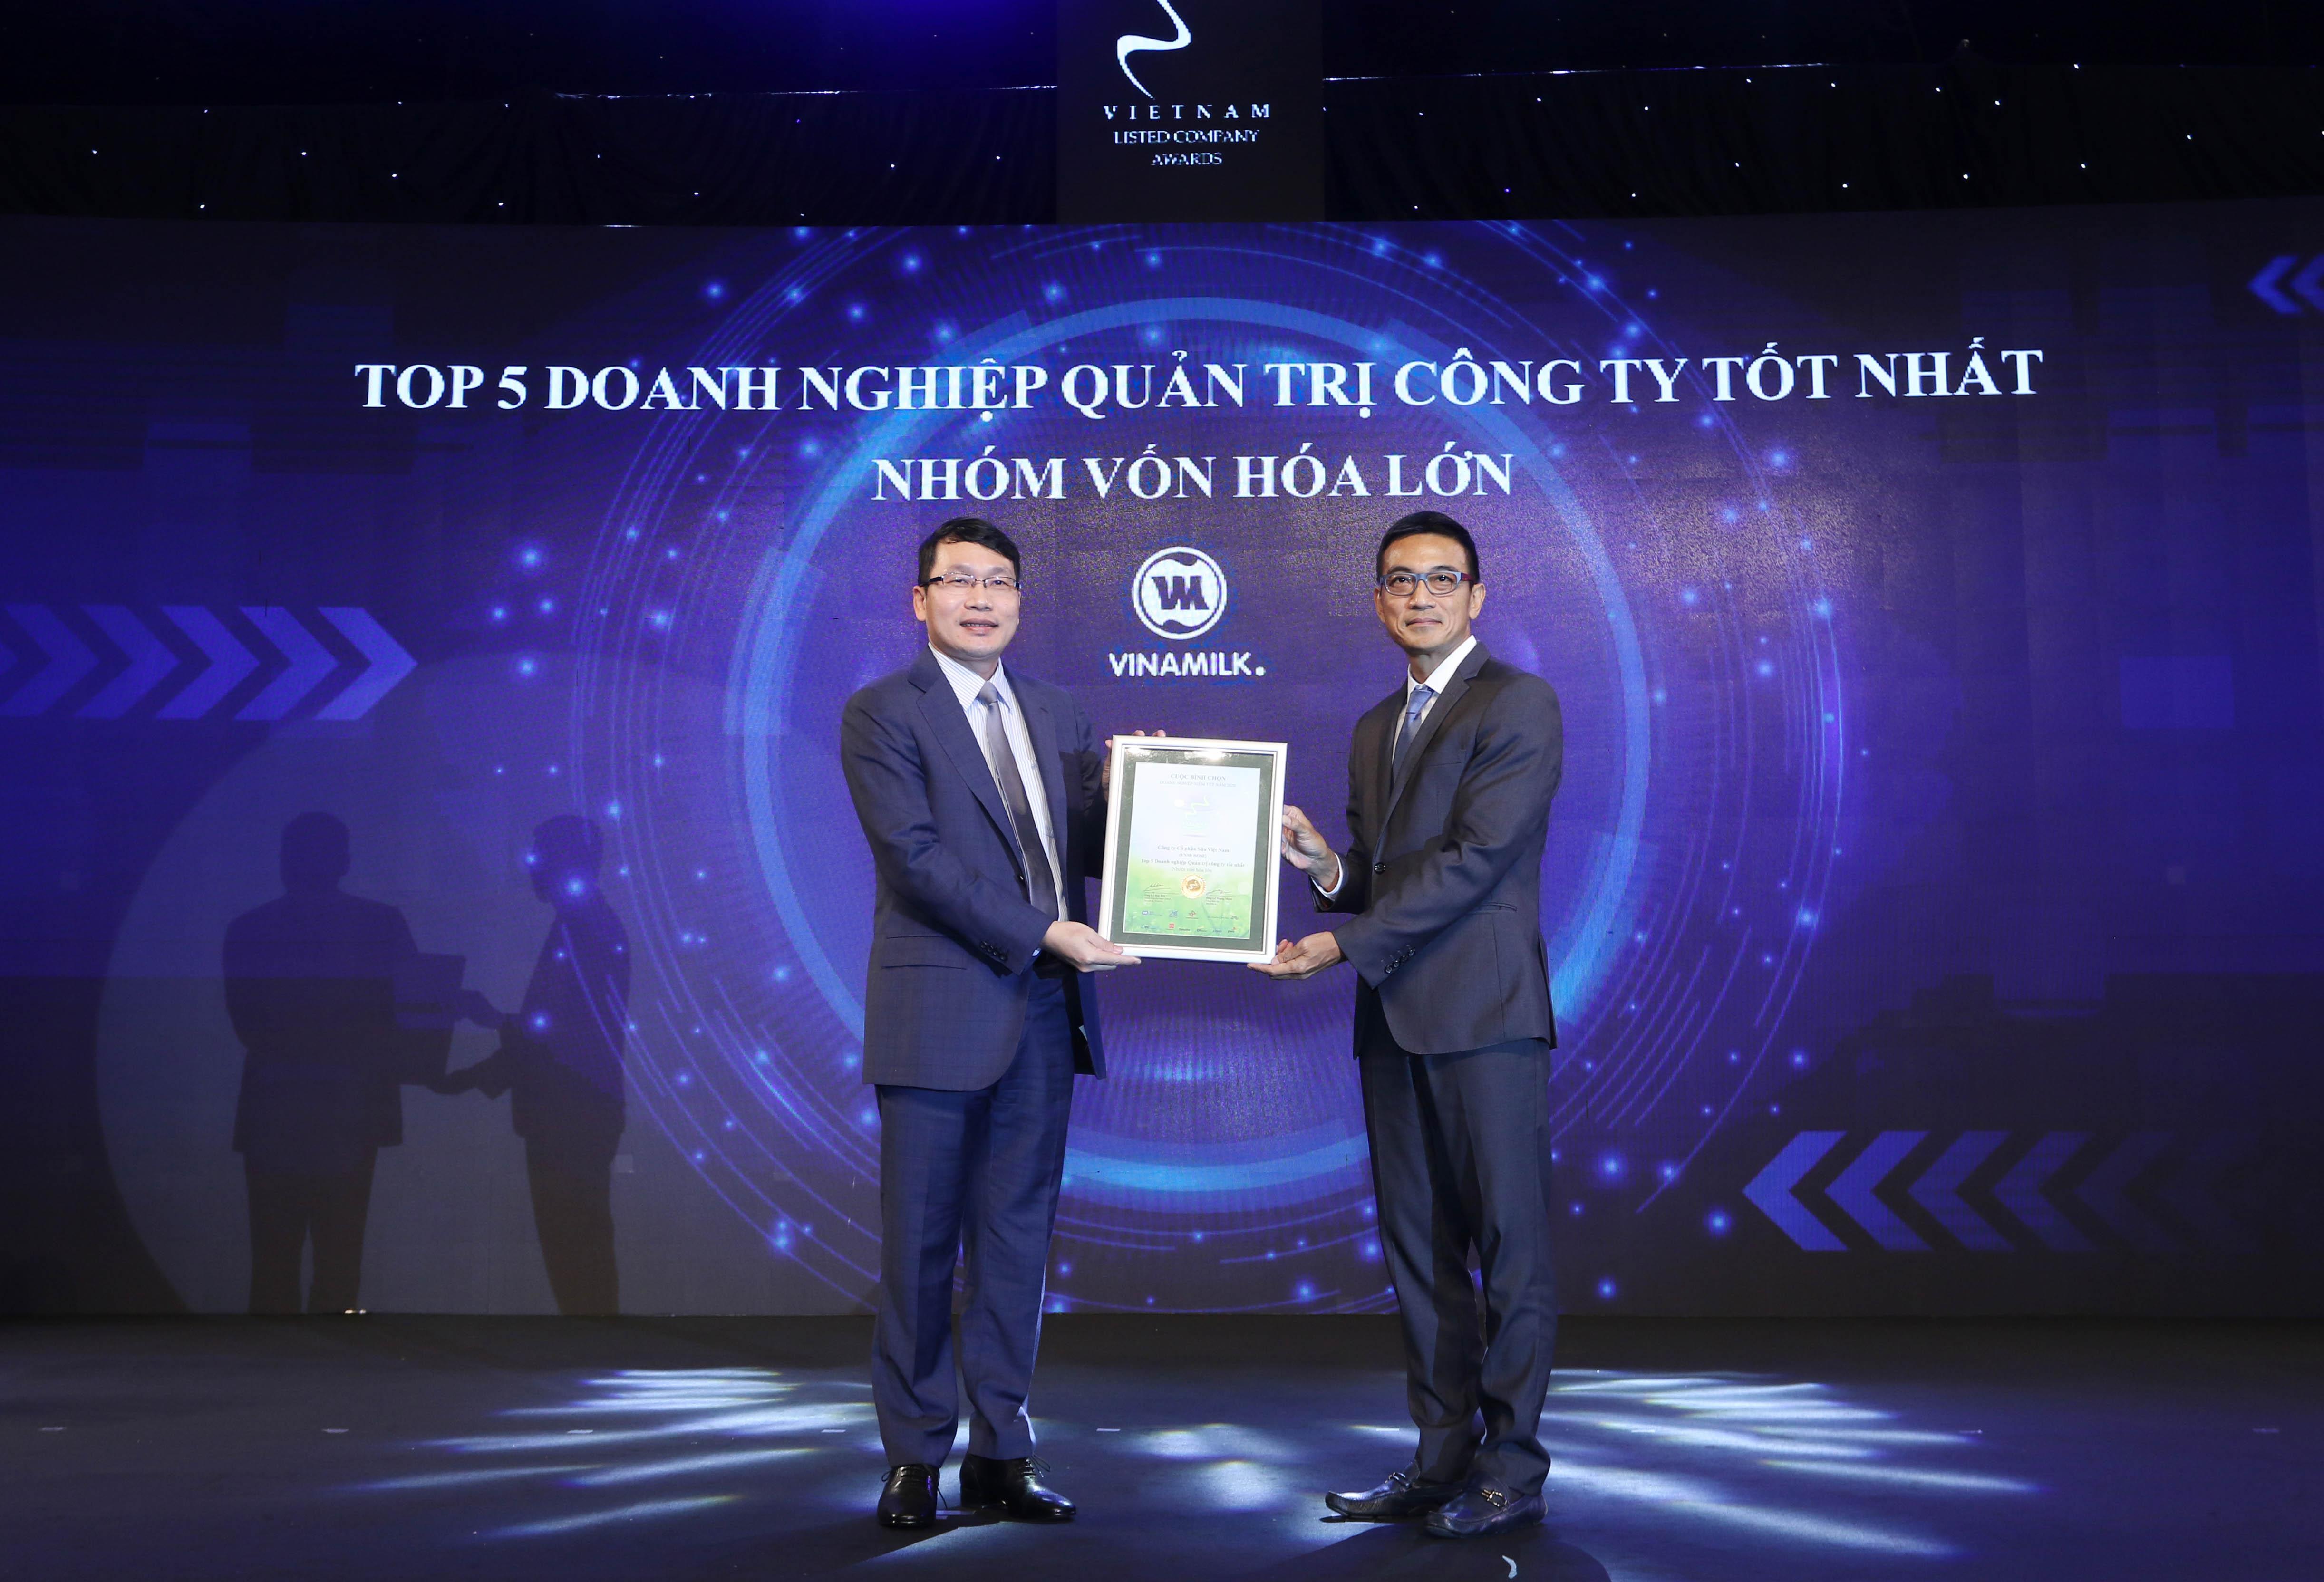 Thẩm mỹ công nghệ cao Minh Châu Asian khai trương cơ sở thứ 39 tại TP.HCM 22